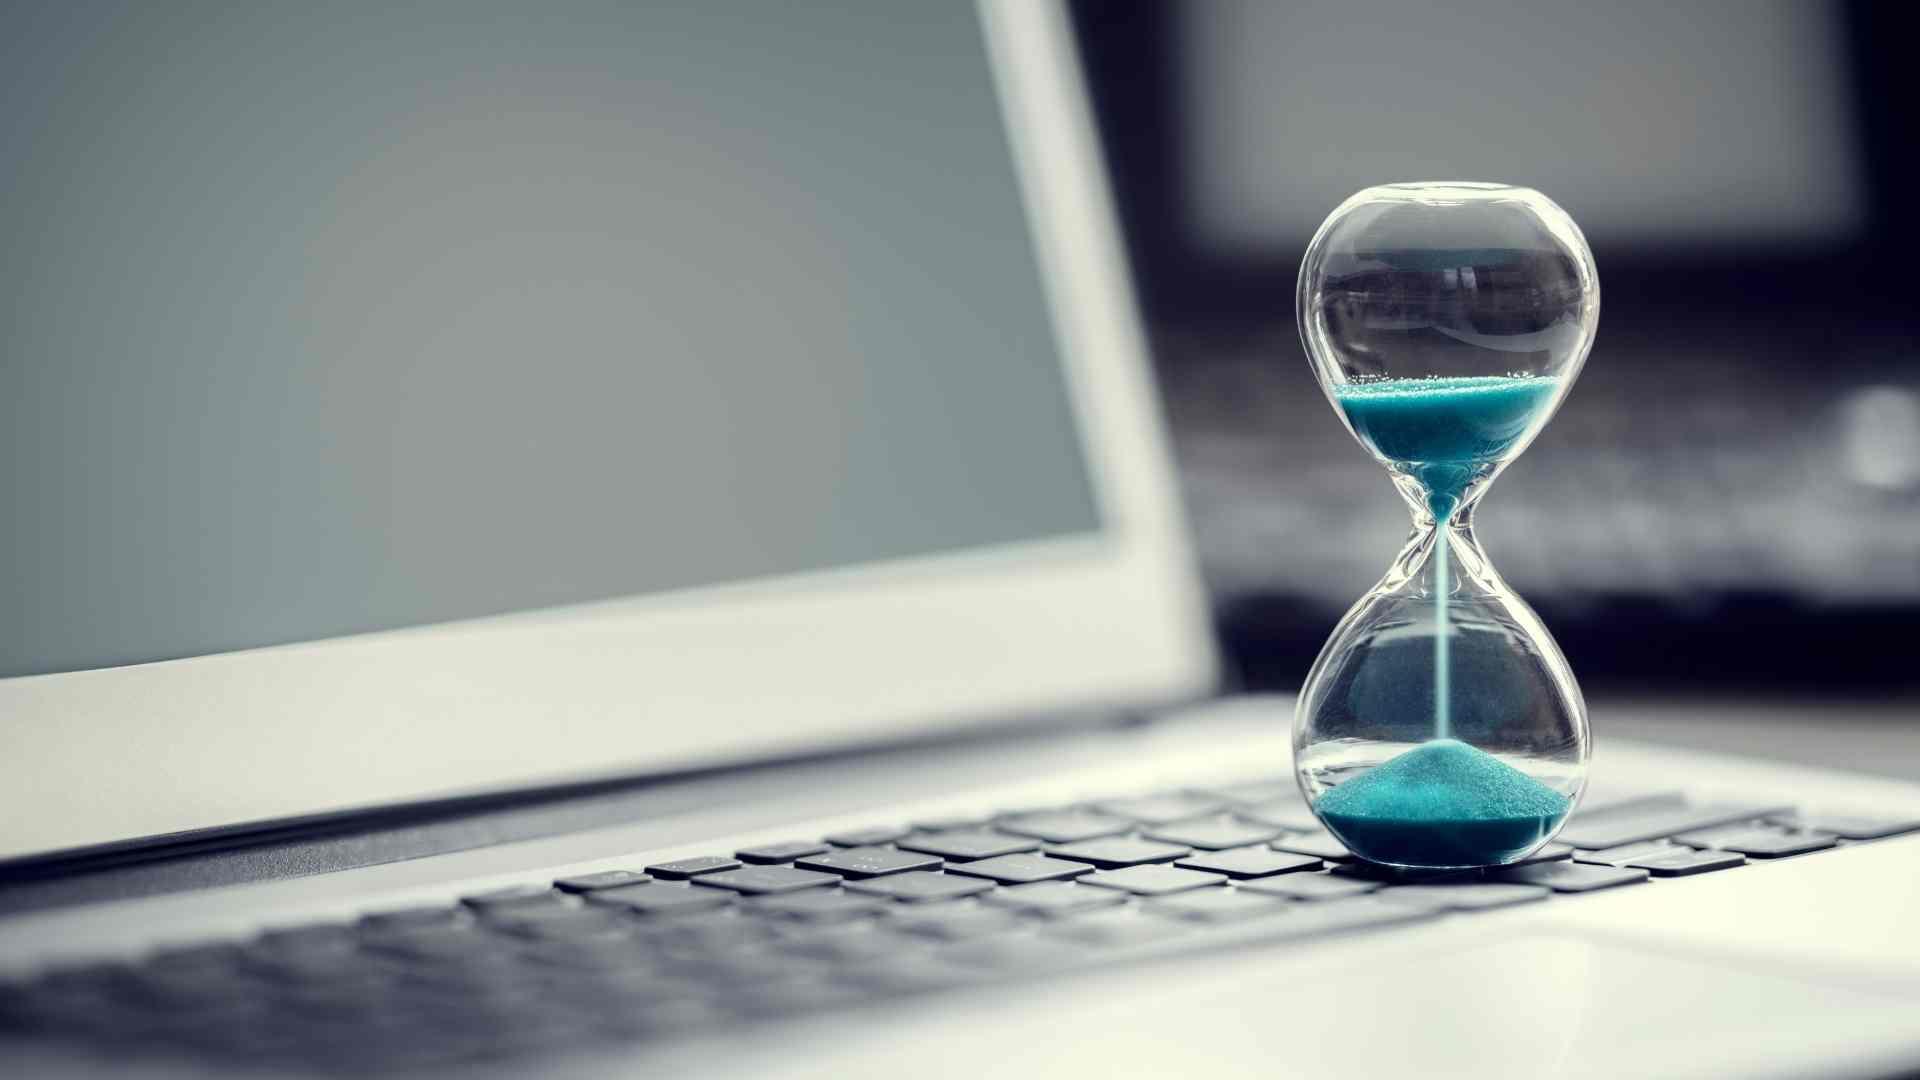 cuánto tiempo haya reclamar un seguro de vida